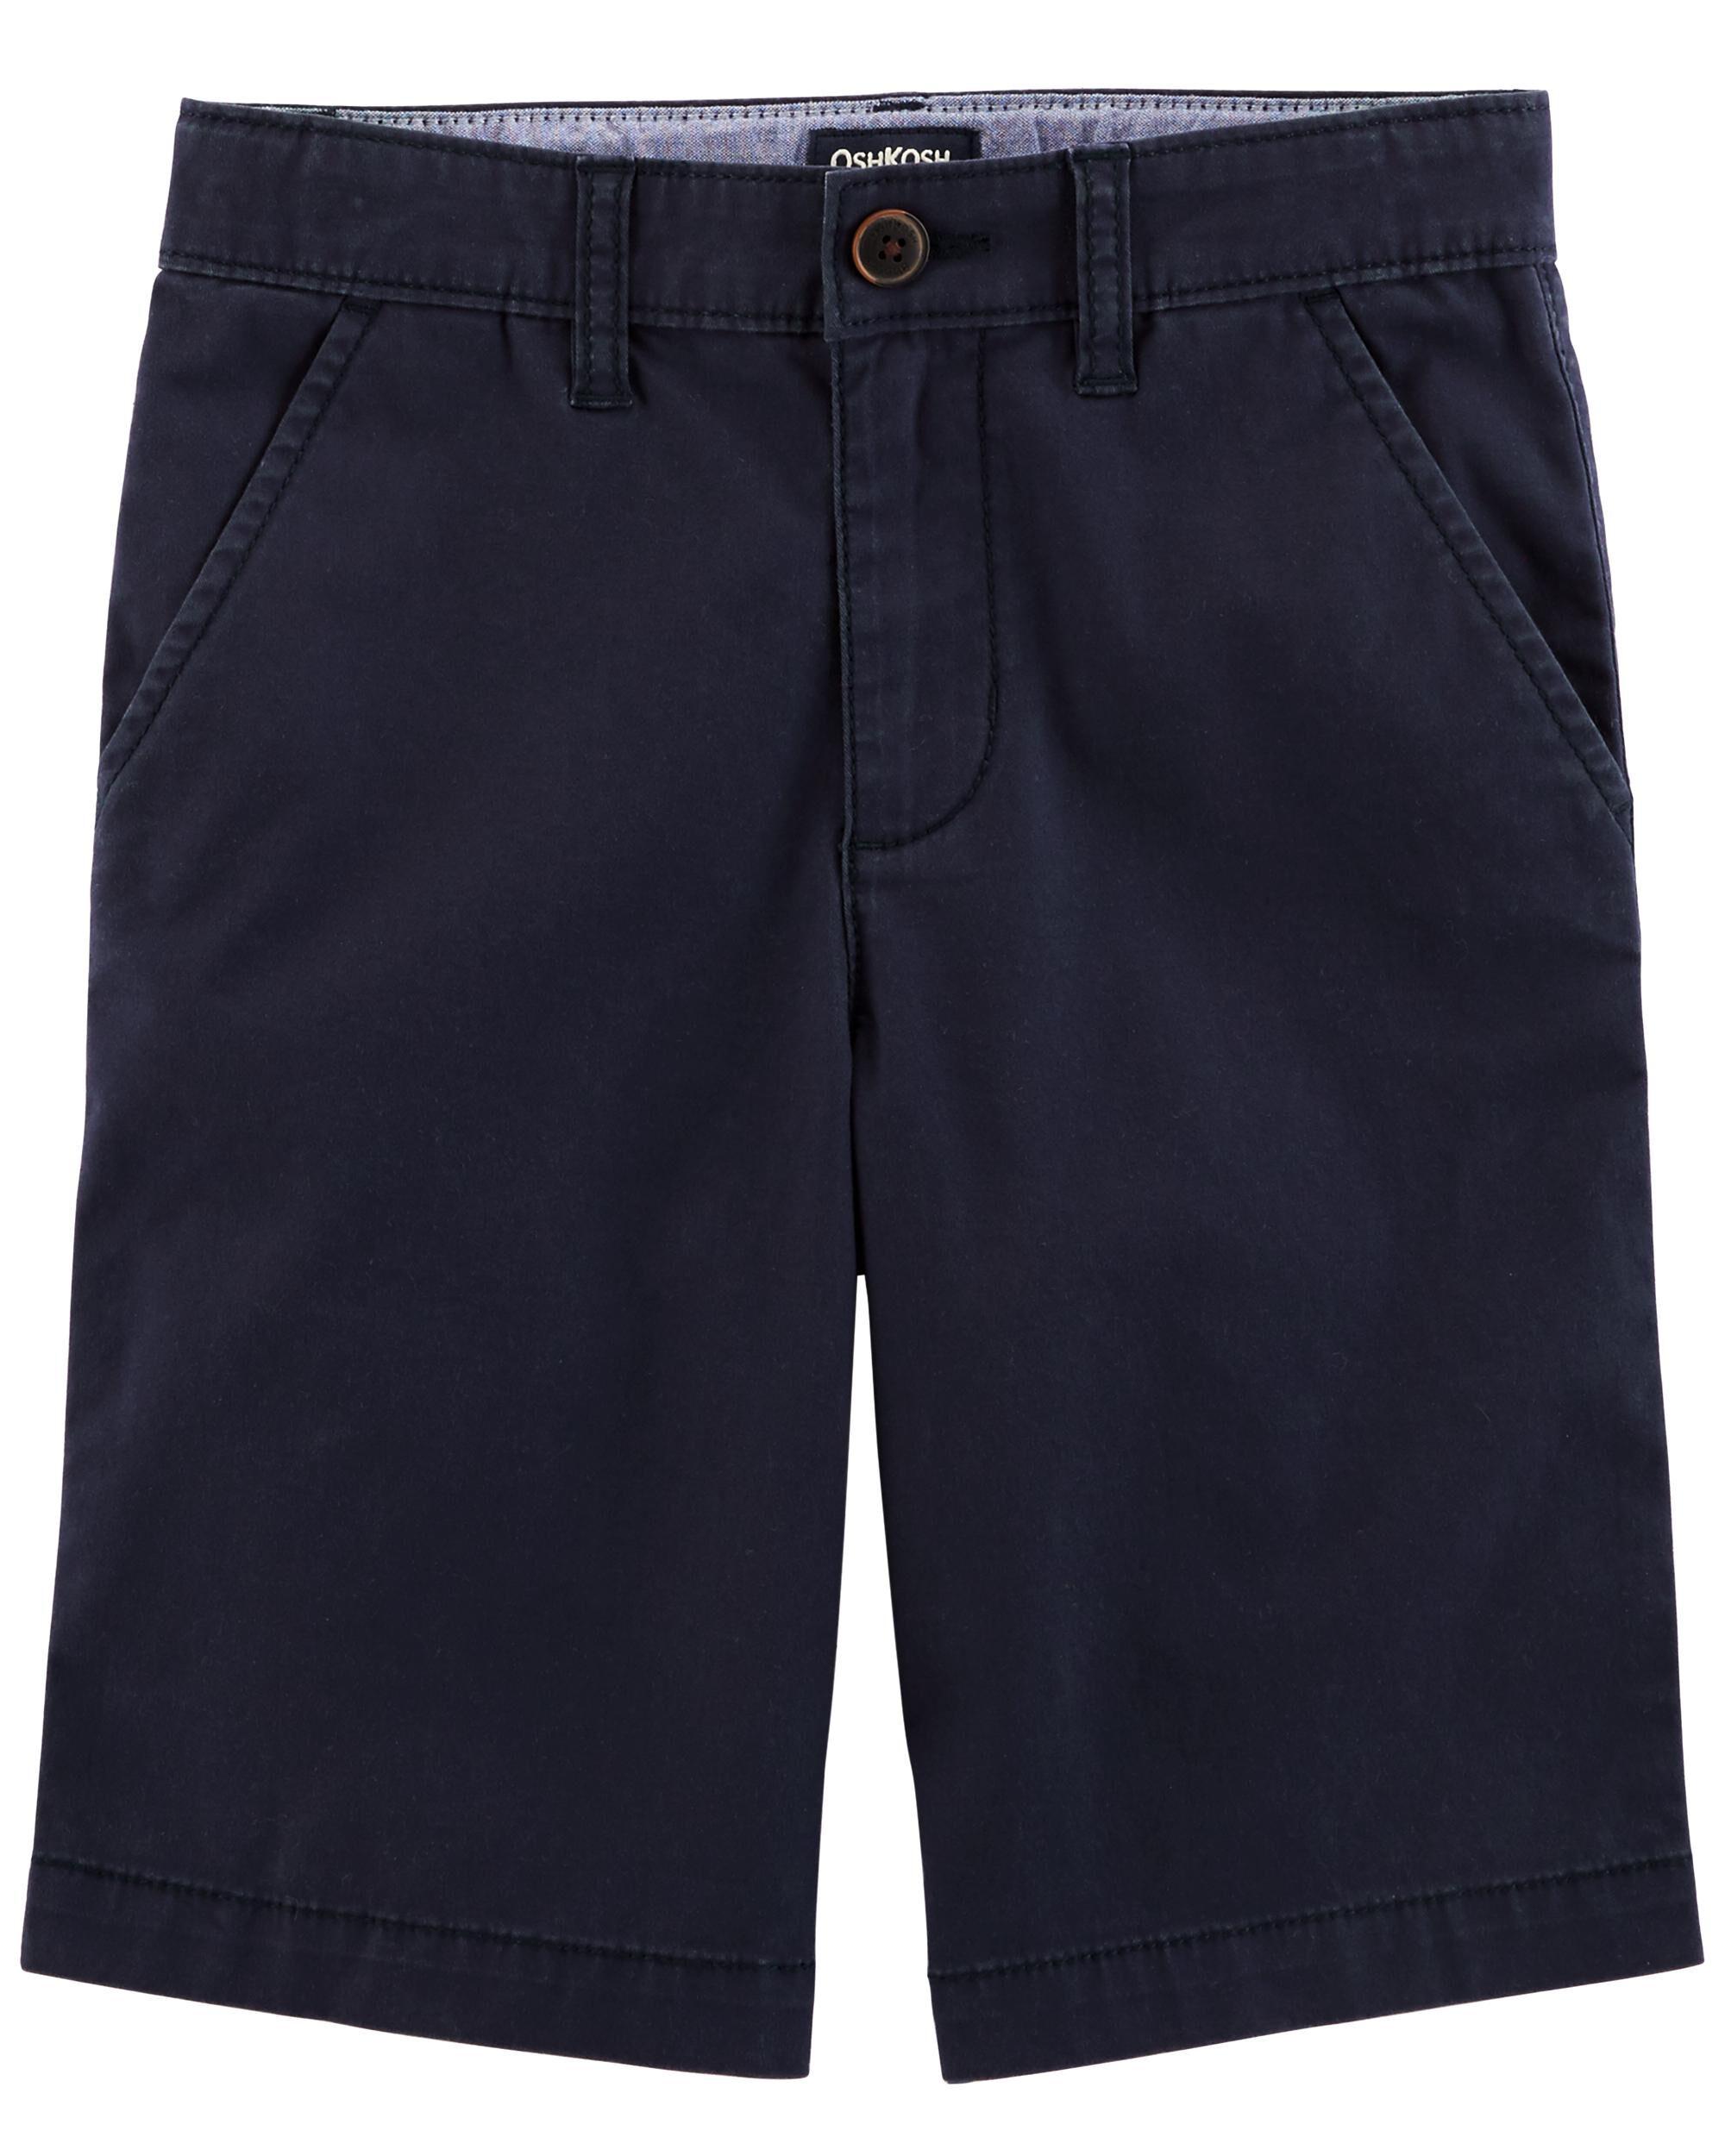 Toddler//Kid OshKosh Bgosh Woven Shorts White